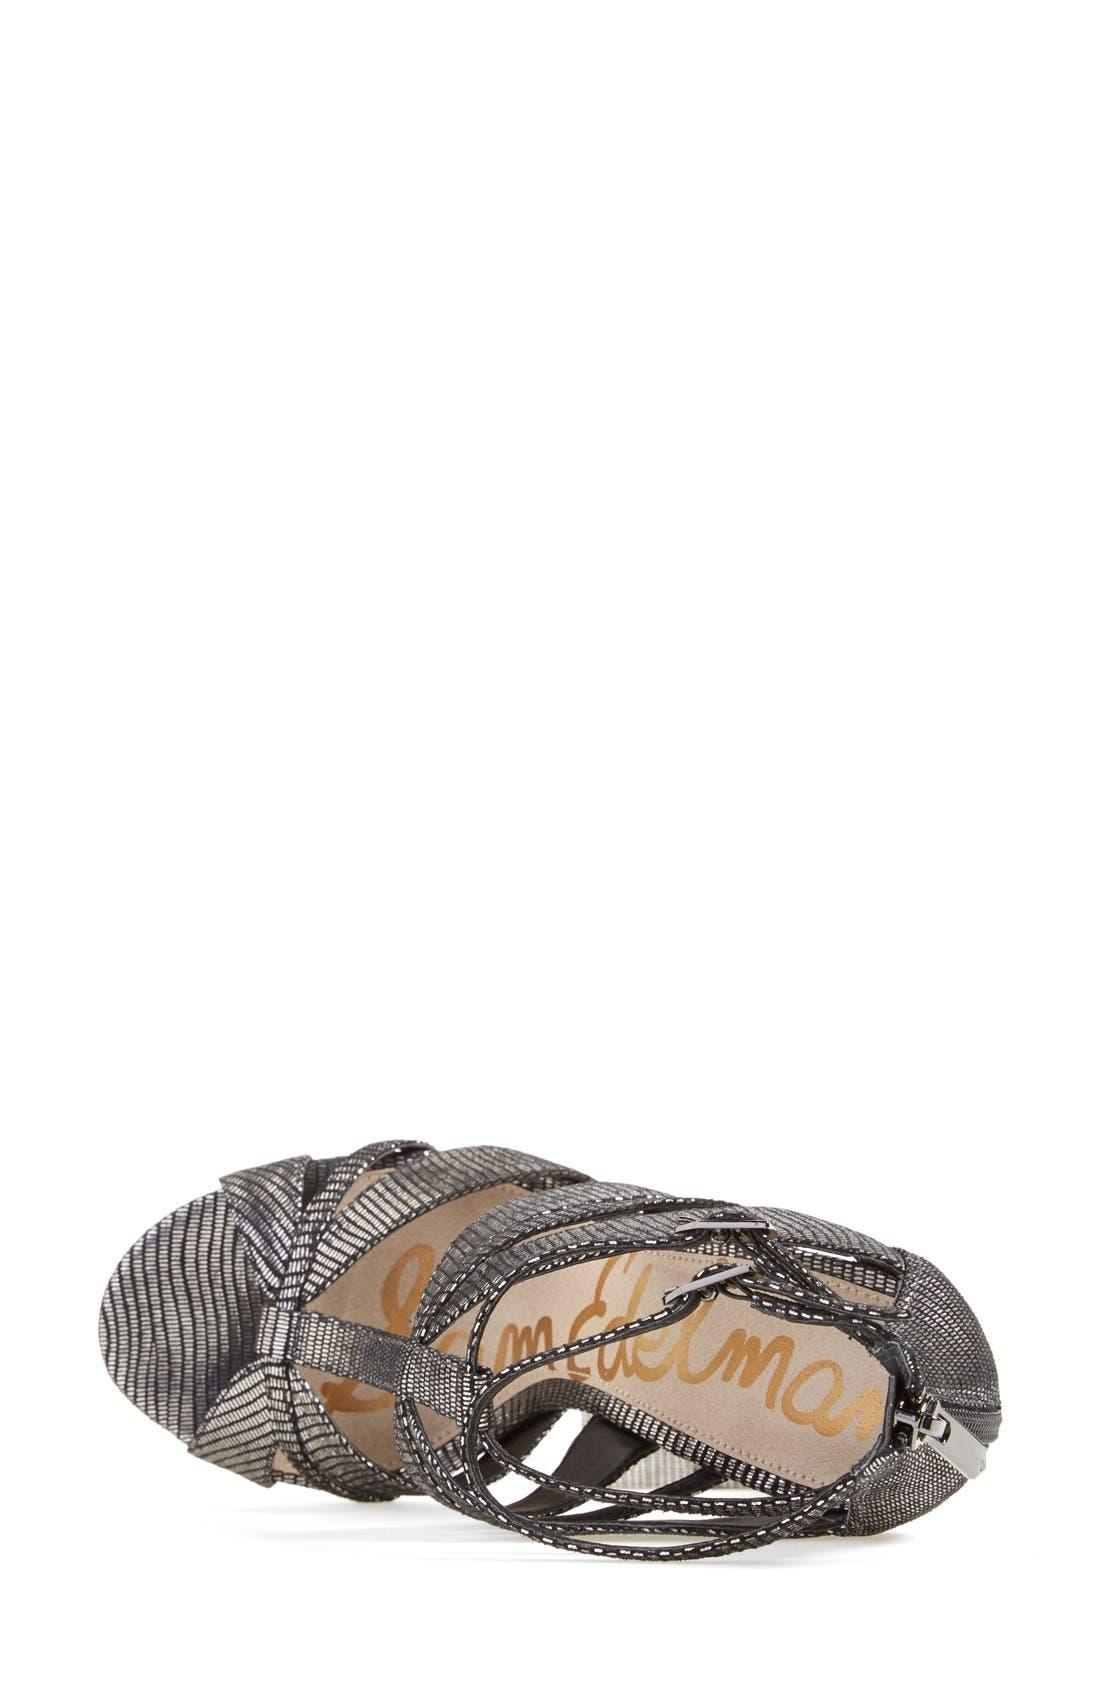 Alternate Image 3  - Sam Edelman 'Pepper' Lizard Embossed Sandal (Women)